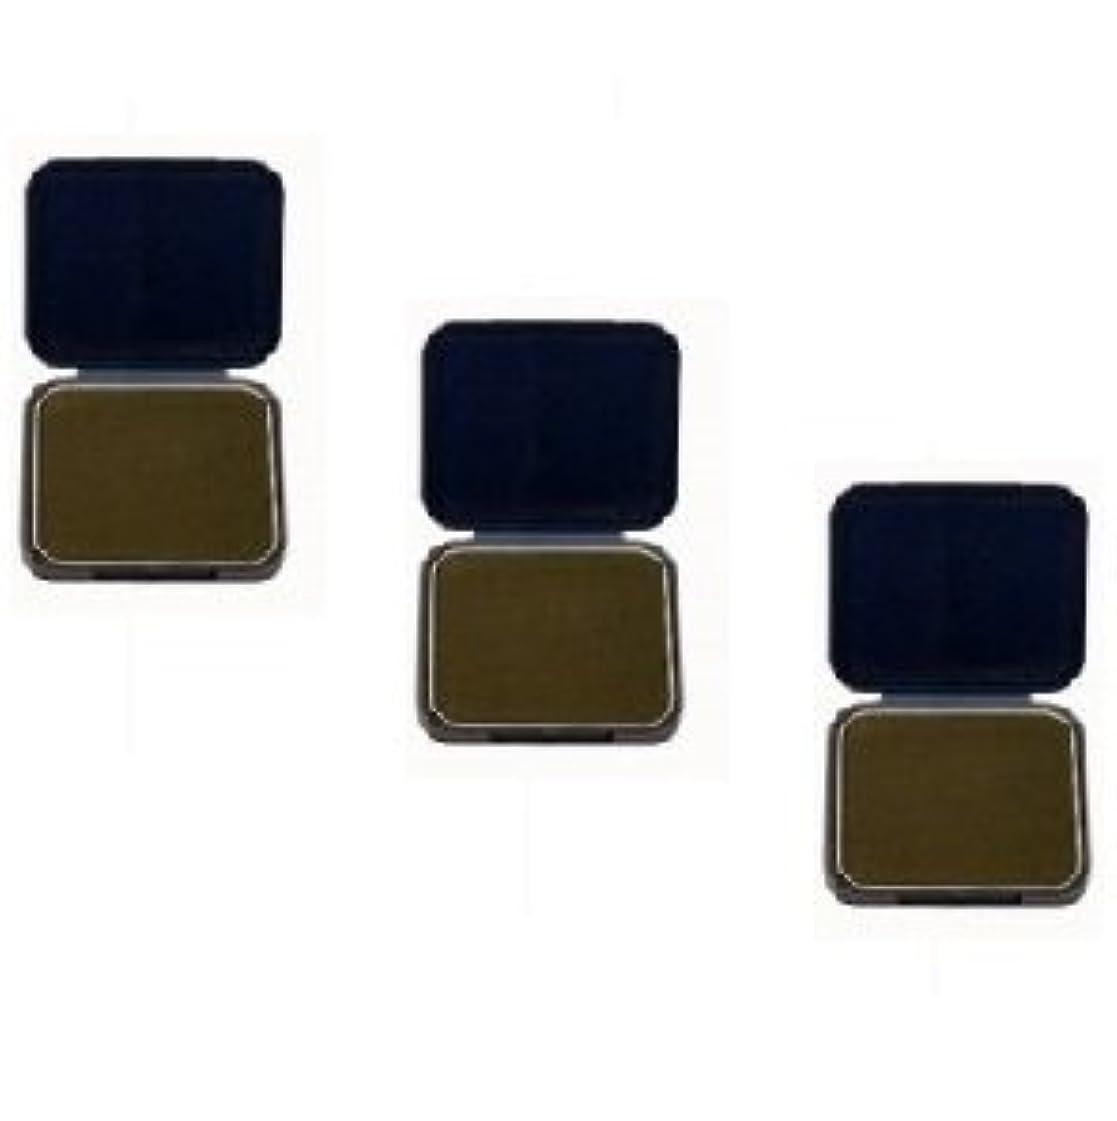 カスタム汚れた好き【3個セット】 アモロス 黒彩 ヘアファンデーション 13g 栗 詰替え用レフィル